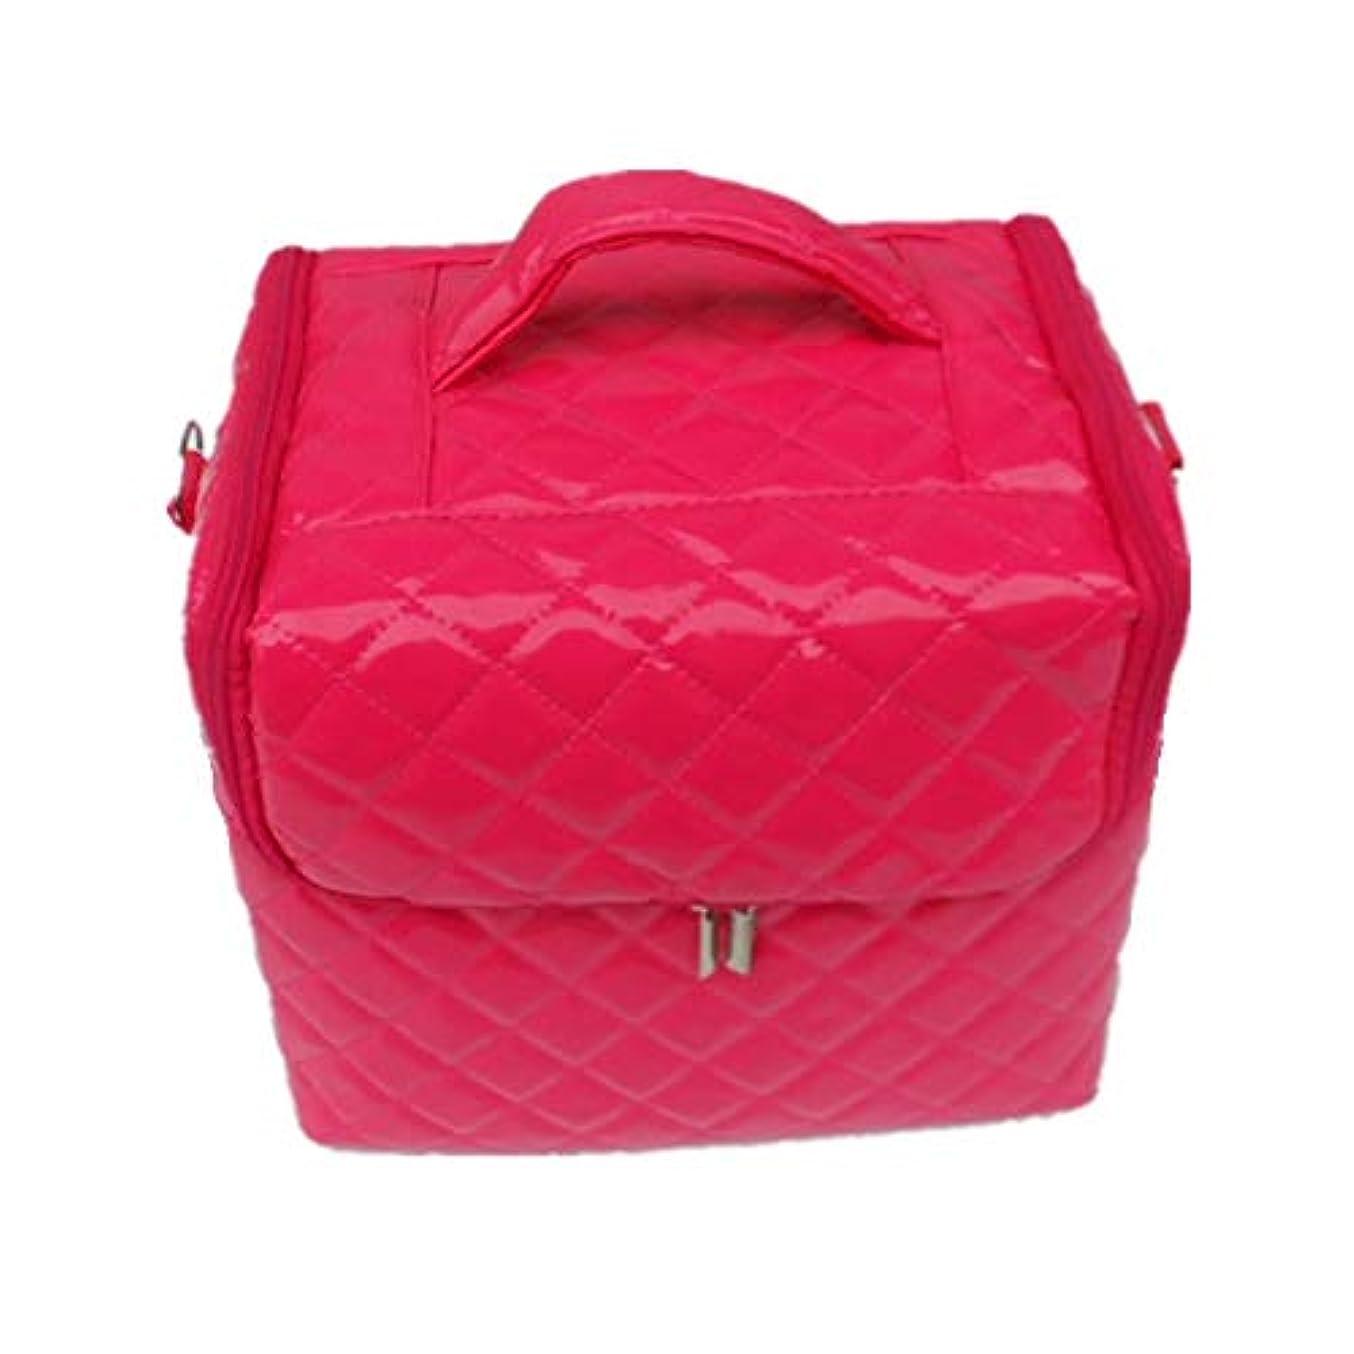 十二知るあいまい化粧オーガナイザーバッグ 美容メイクアップのための大容量ポータブル化粧品バッグと女性の女性の旅行とジッパーと折り畳みトレイで毎日のストレージ用 化粧品ケース